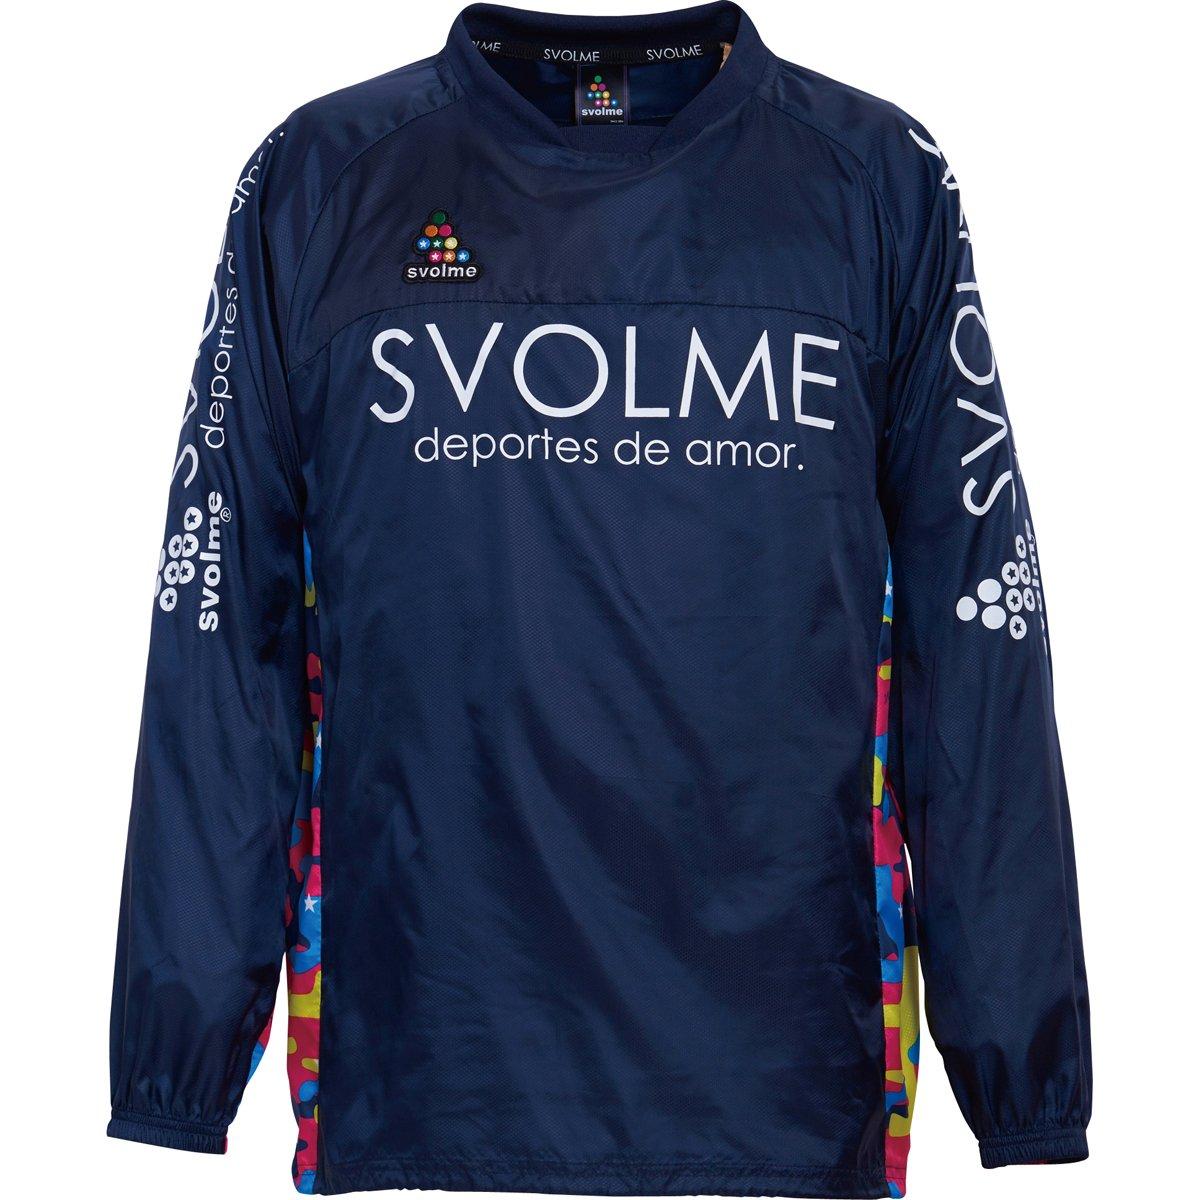 SVOLME(スボルメ) ジュニア タフタピステ上下セットJ 173-45609 B074Y81CP2 130|ネイビー ネイビー 130